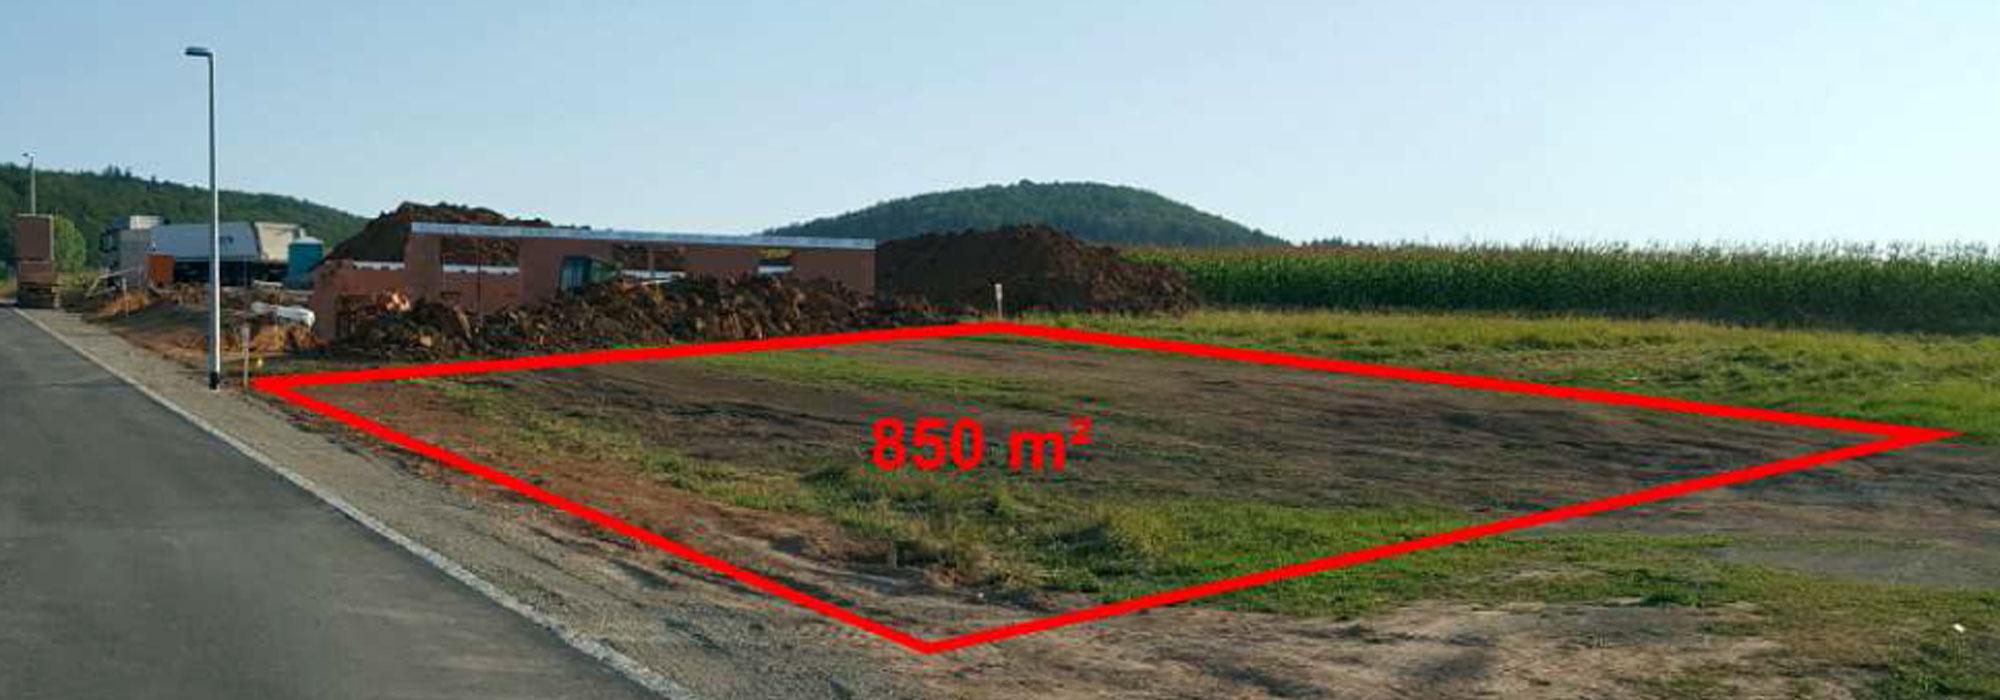 Grundstücksteilung oder Sonderung